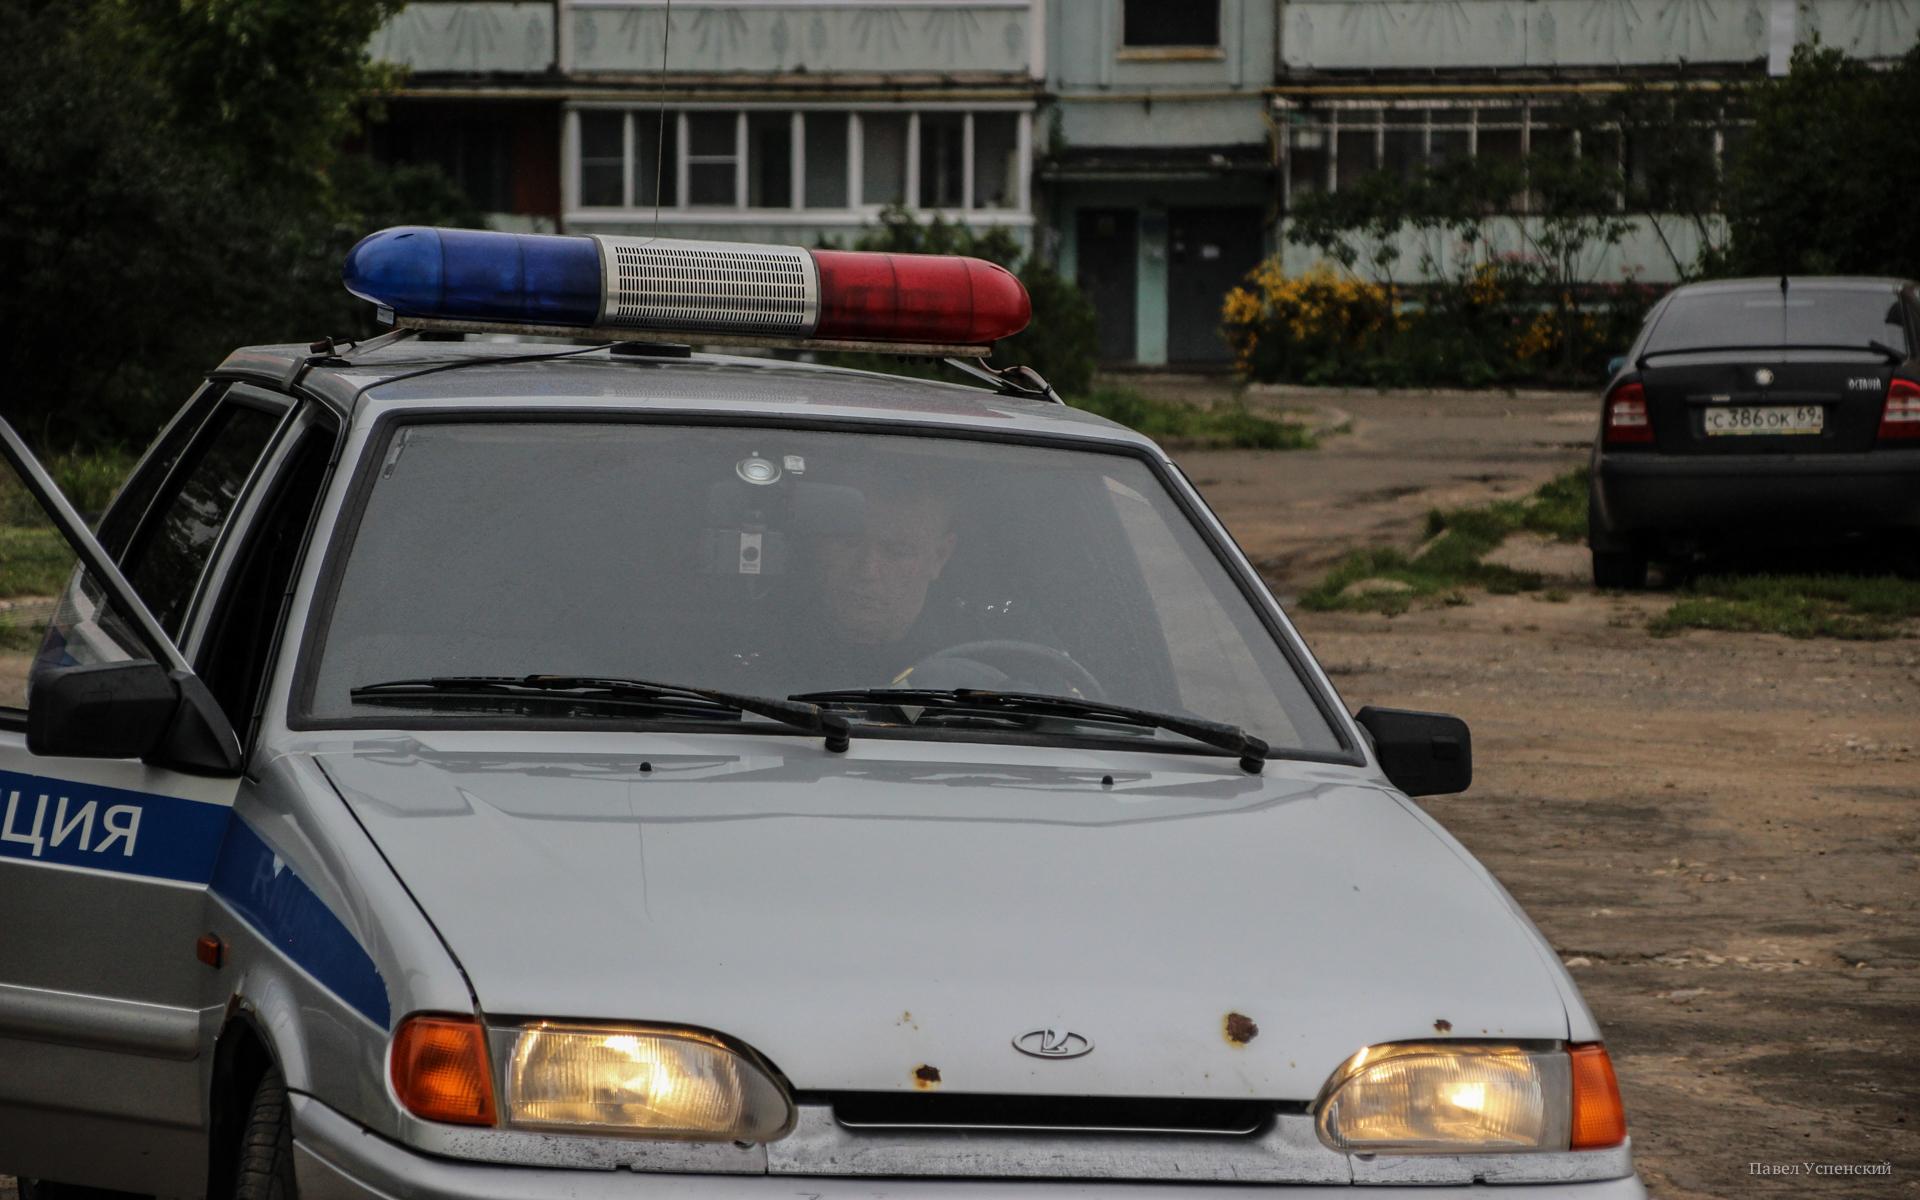 Два человека доставлены в больницу после ДТП с двумя Renault в Тверской области - новости Афанасий